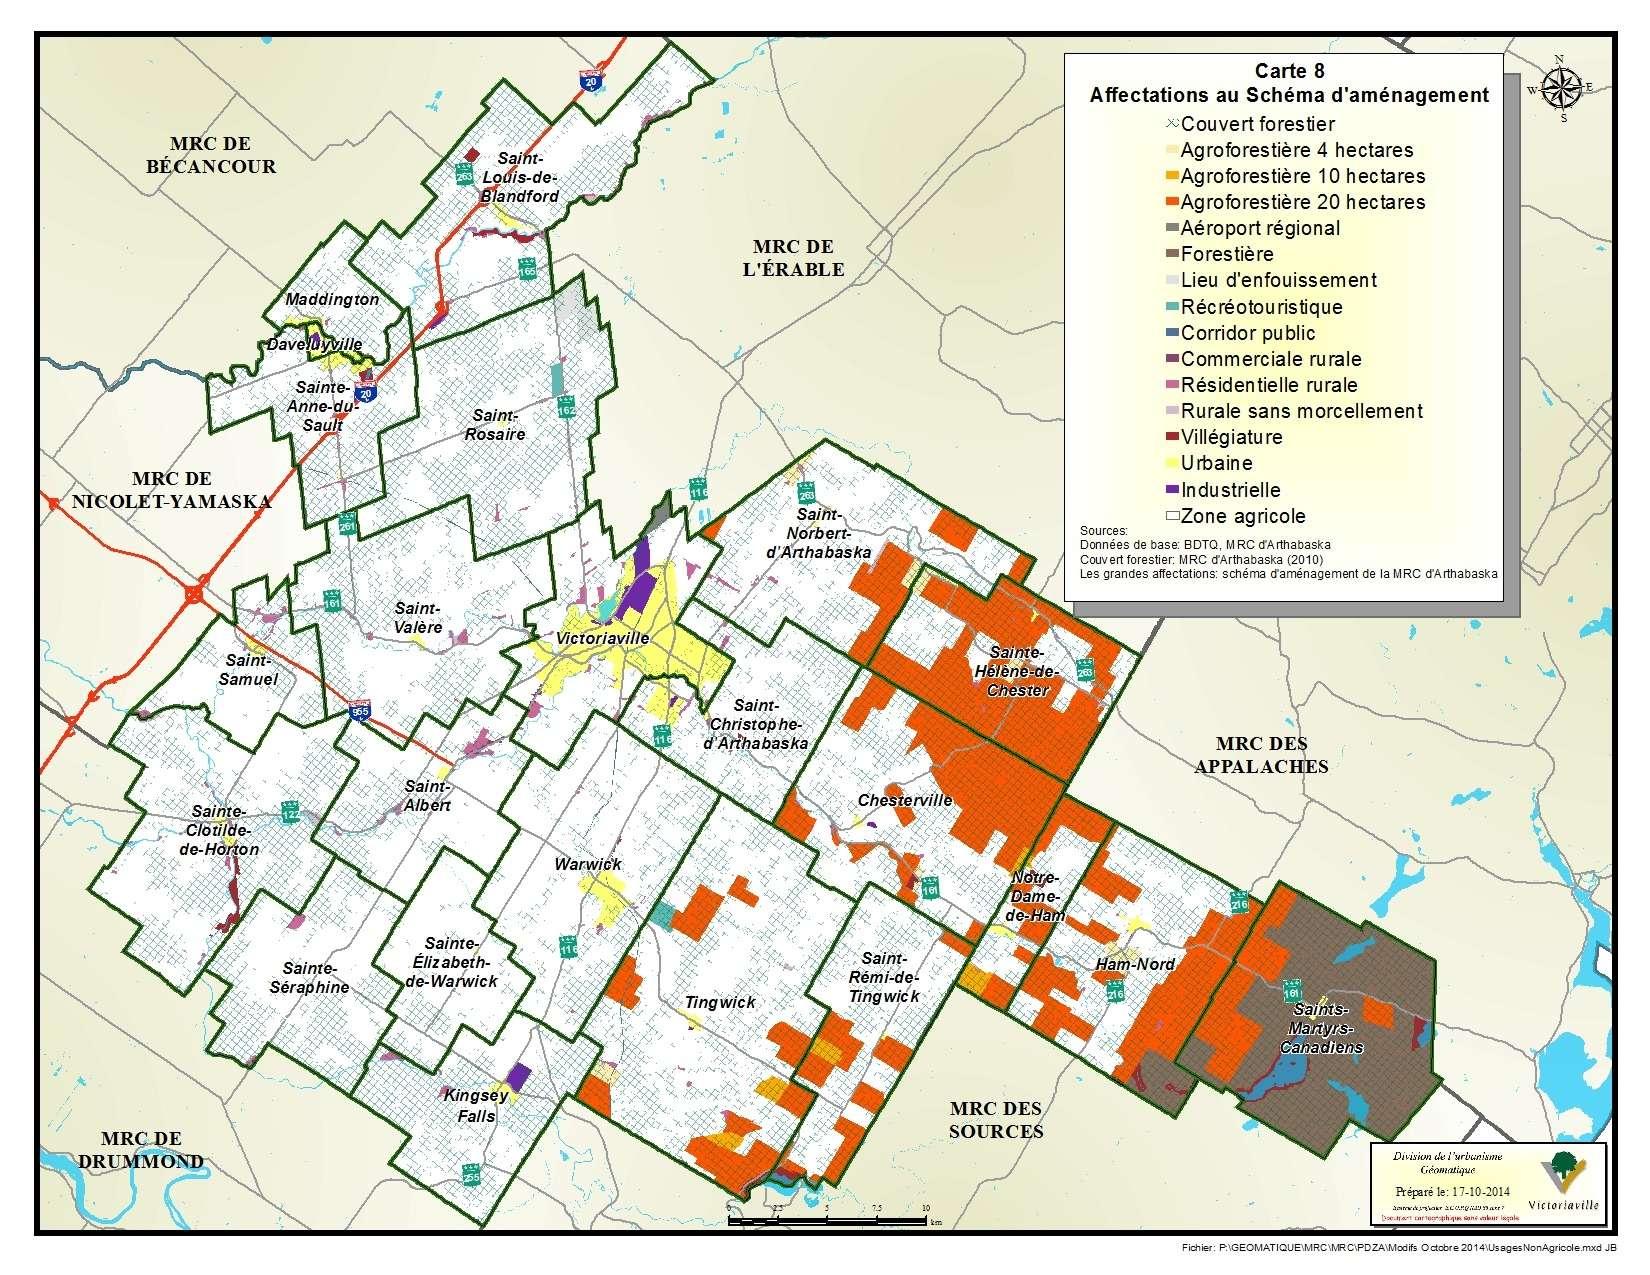 Carte 8 de 23 - Affectations au Schéma d'aménagement